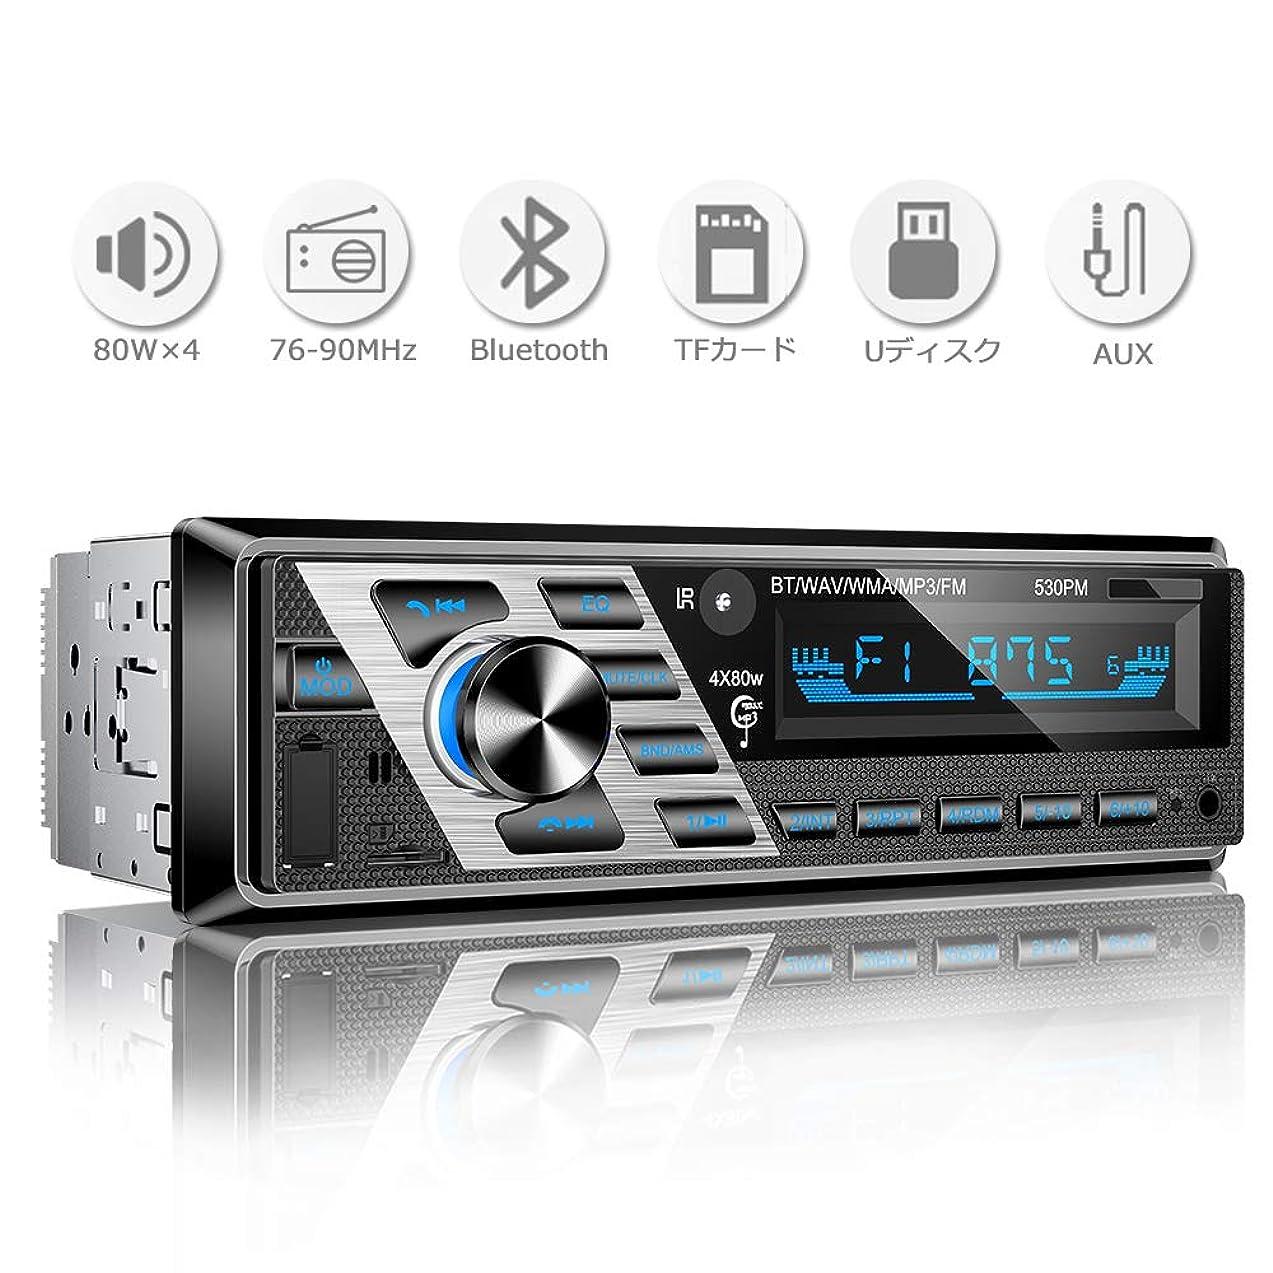 傾向ベックス見る人カーオーディオ 【2018改良版】Bluetooth 1DIN 日本FMバンド 76-90MHz AUX/USB/SDカード対応 80W×4 FMラジオ カープレイヤー 高品質 リモコン付き 日本語版取扱説明書